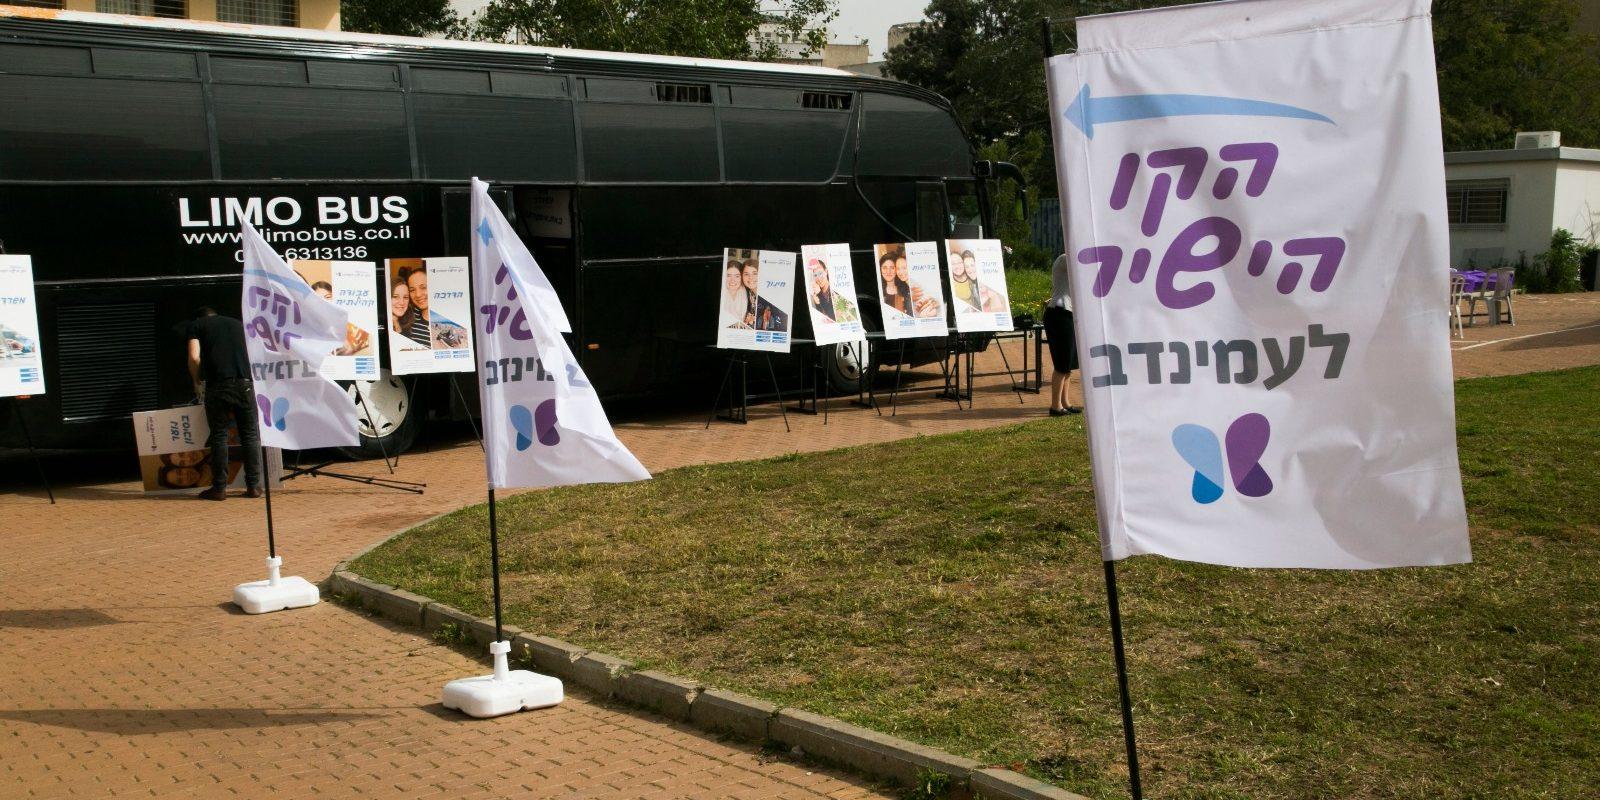 אוטובוס עמינדב ולידו שלטים עם תחומי השירות